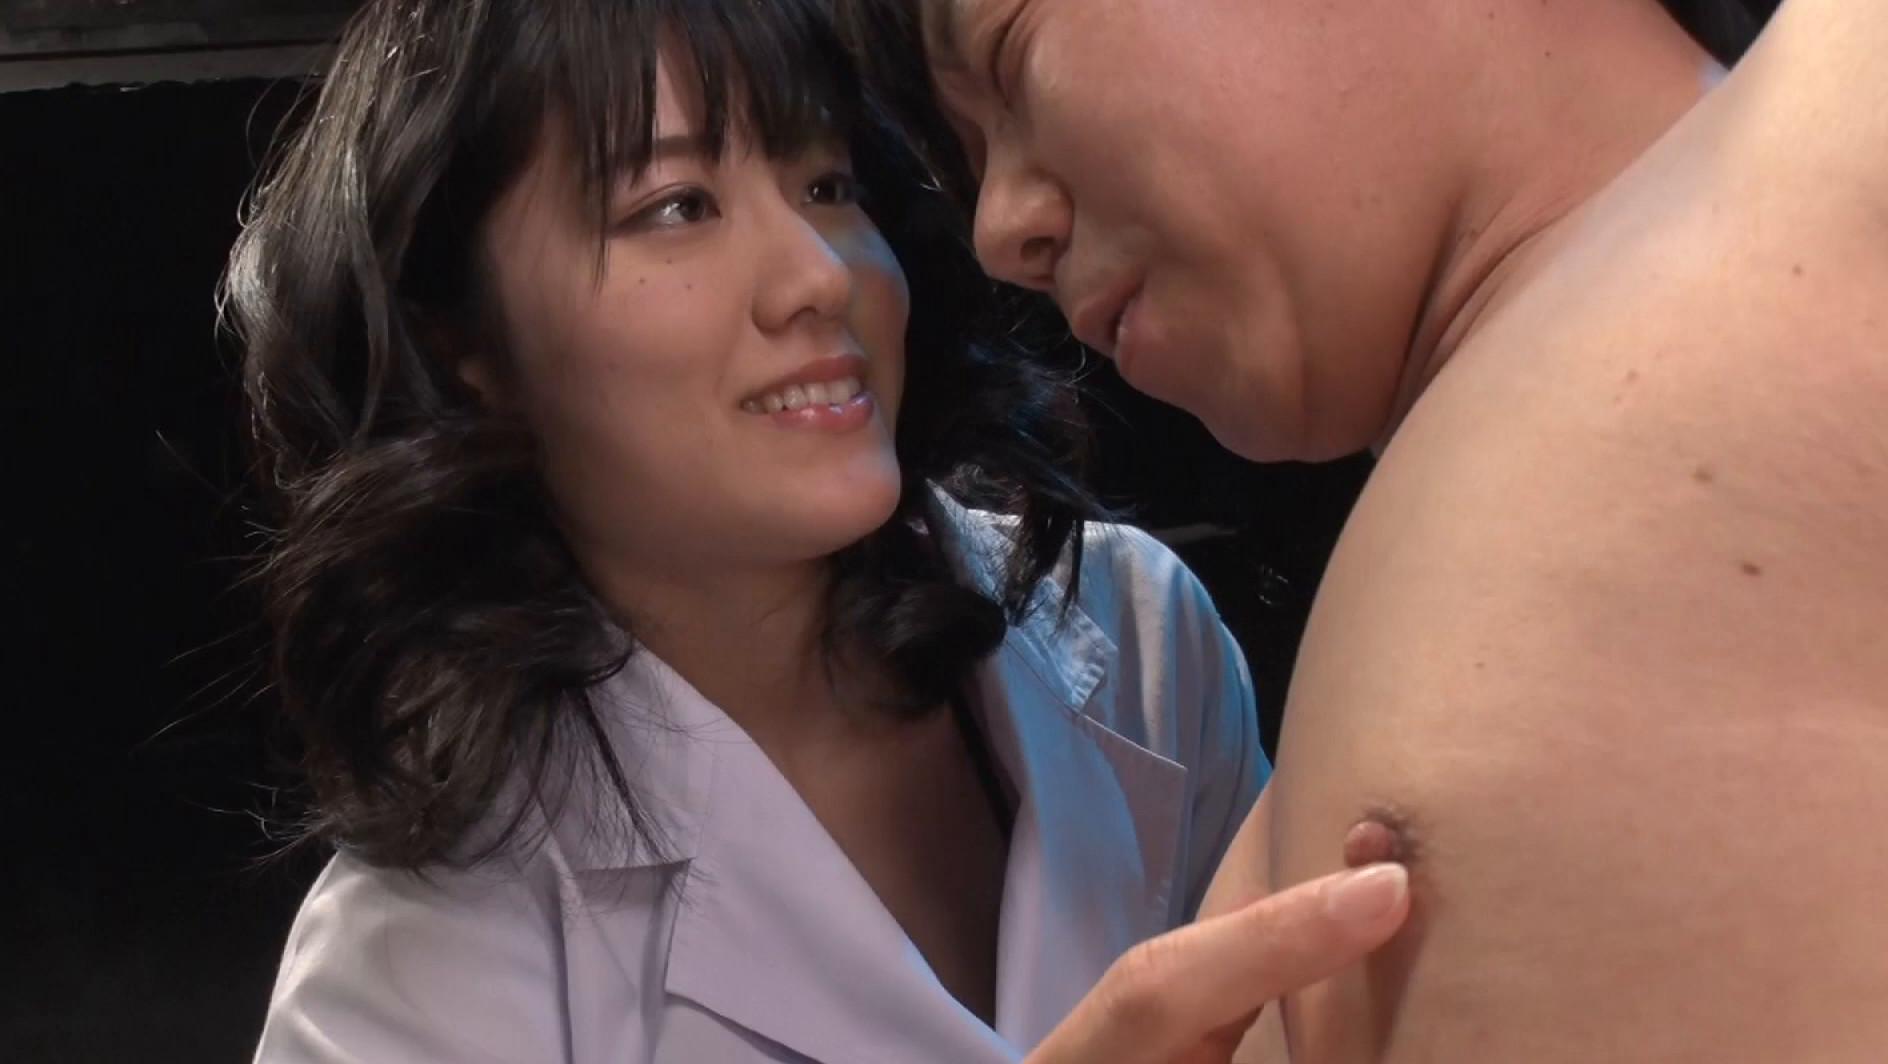 ドS痴女のM男弄び ベロキス手コキ乳首責め 4時間 画像1